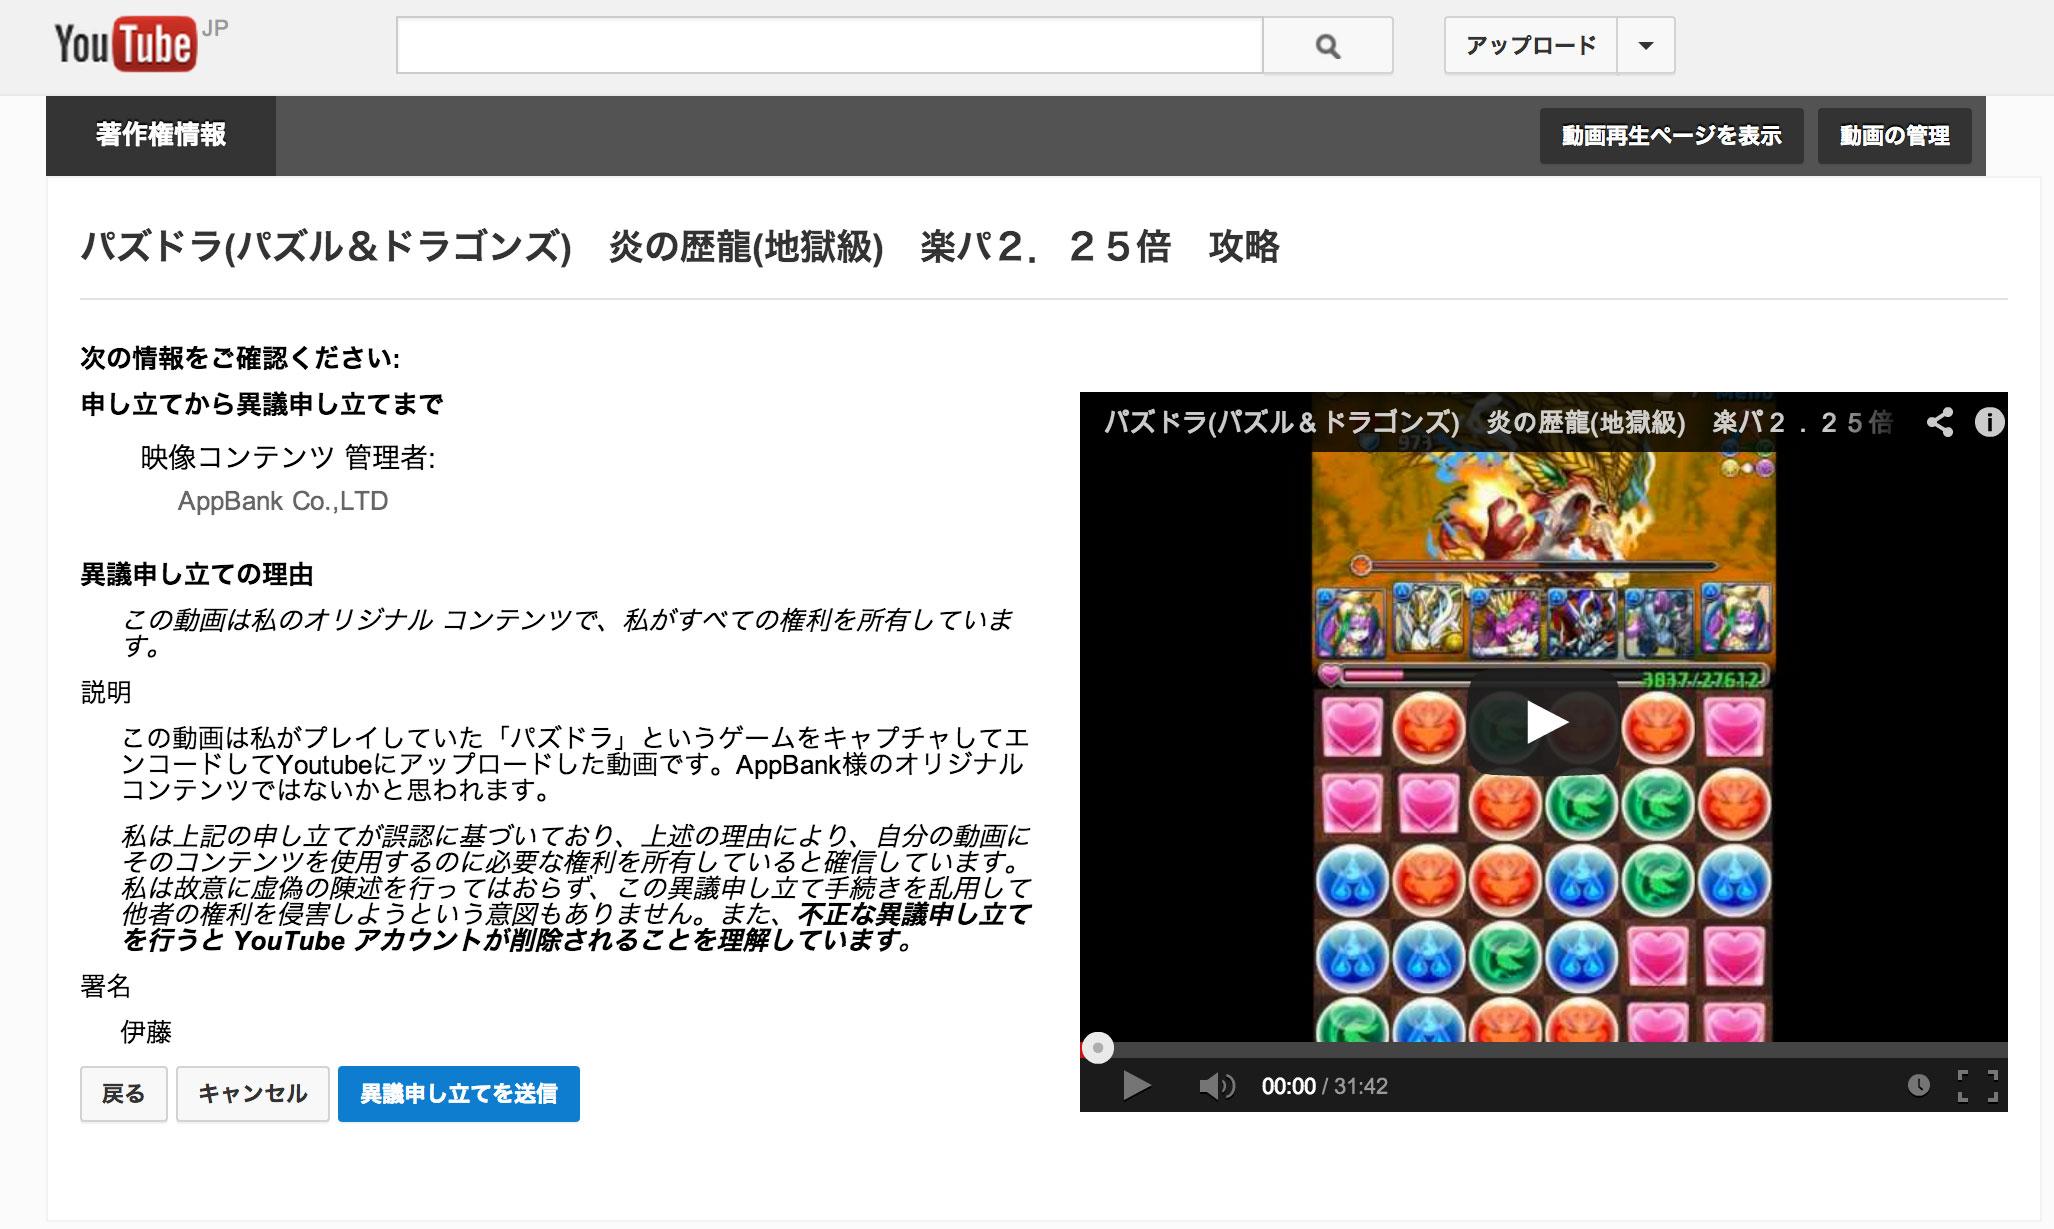 [パズドラ] AppBankからYoutubeにアップした過去のパズドラプレイ動画に著作権侵害の申し立てがきました